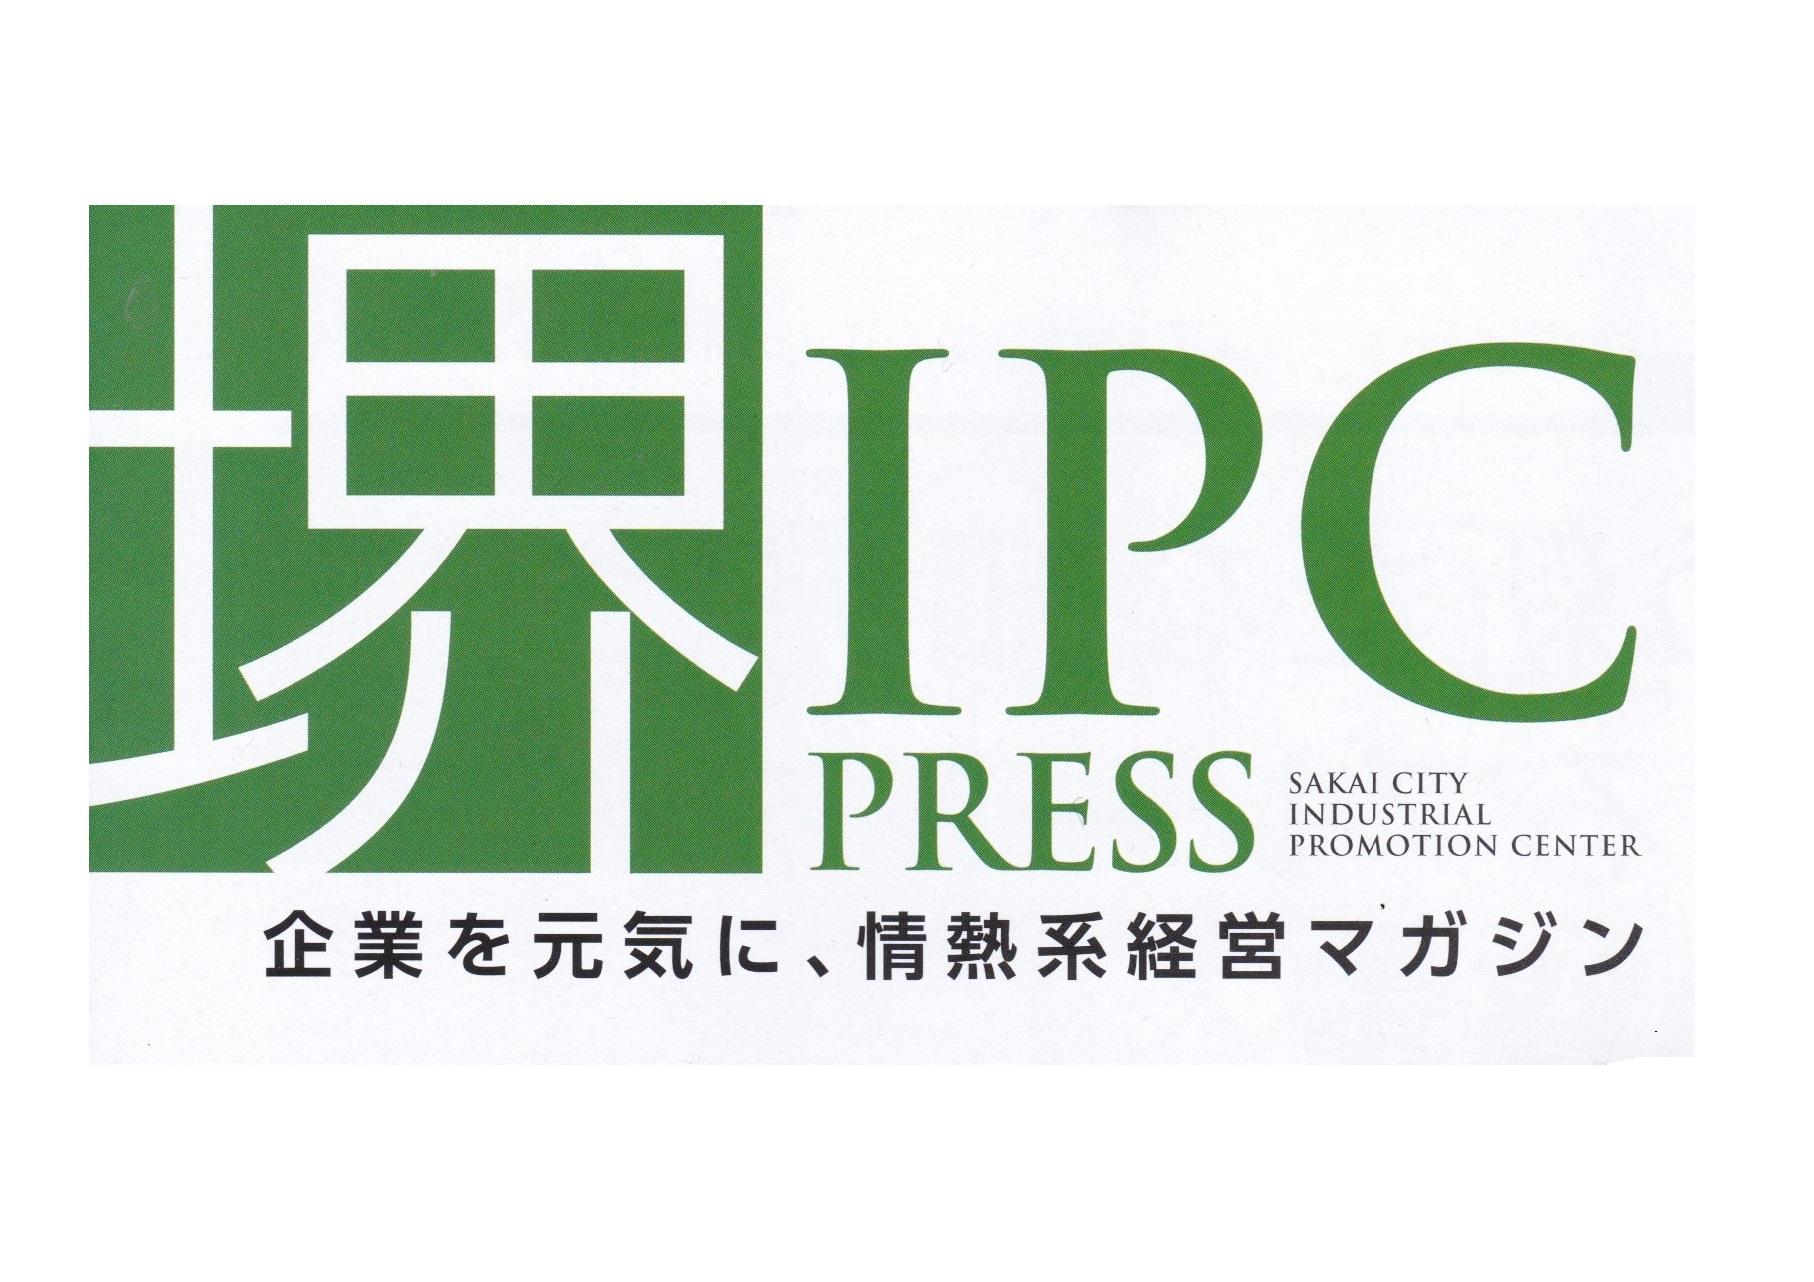 """""""堺 IPC PRESS""""に掲載"""